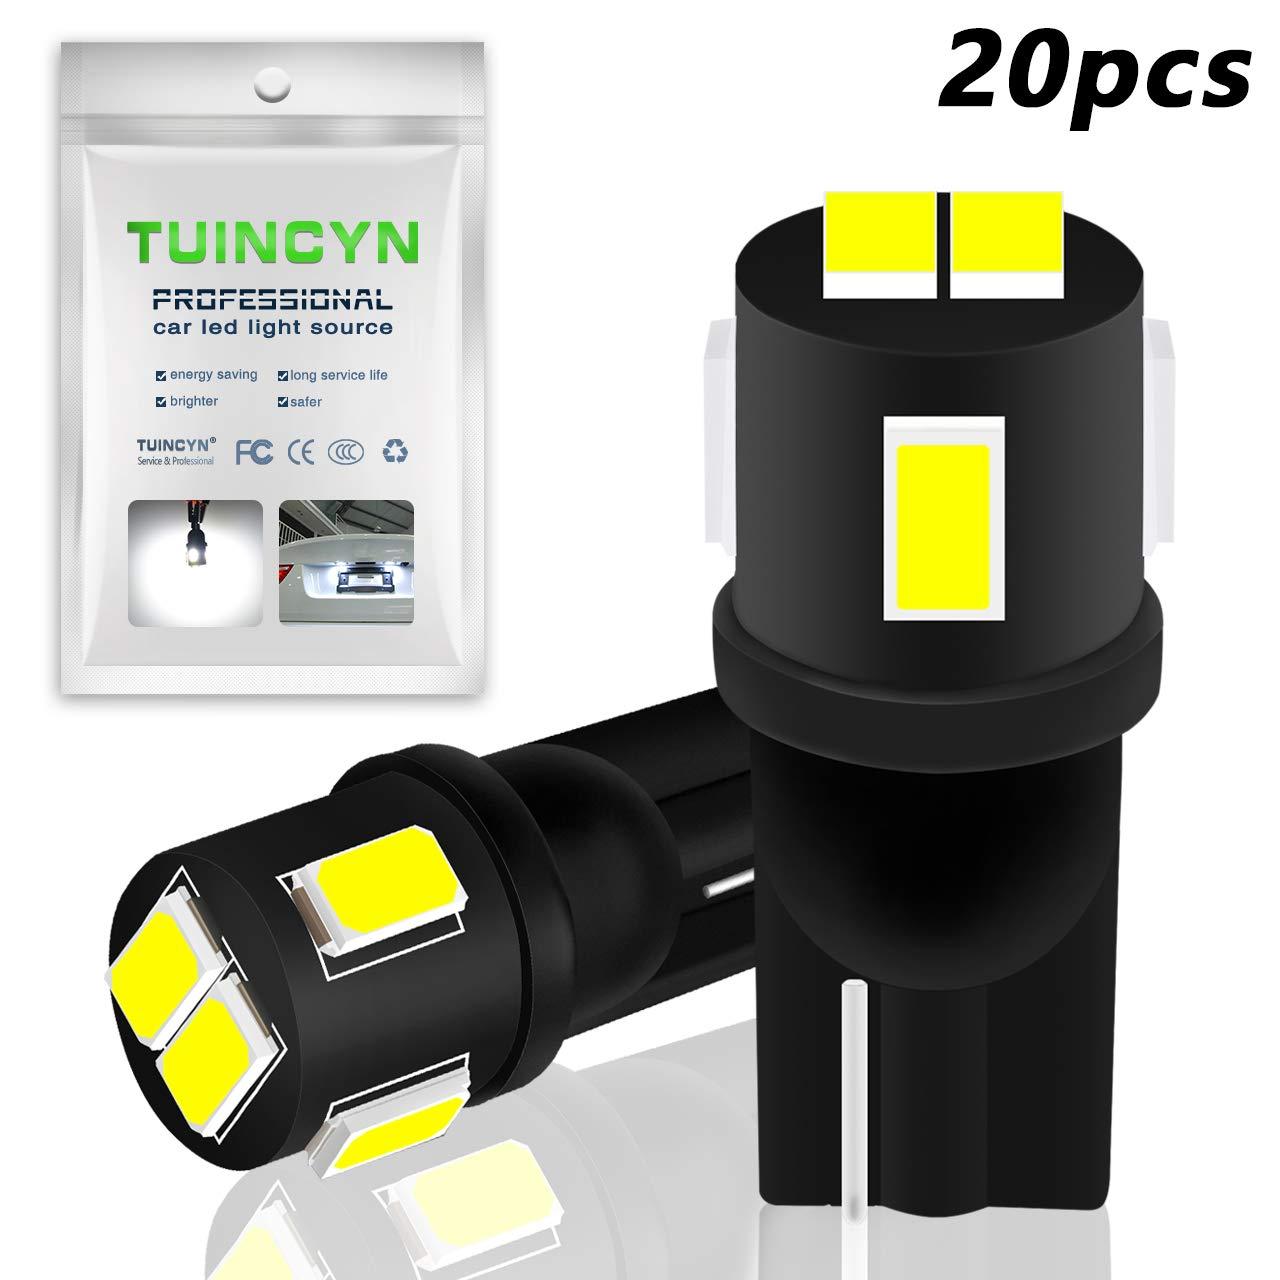 confezione da 10 Tuincyn estremamente luminoso 450/lumen 5630/6SMD chipset 168/194/2825/175/921/912/lampadine LED bianco interno della cupola lampadine backup luci tronco laterali luci 2/W 12/V 6000/K